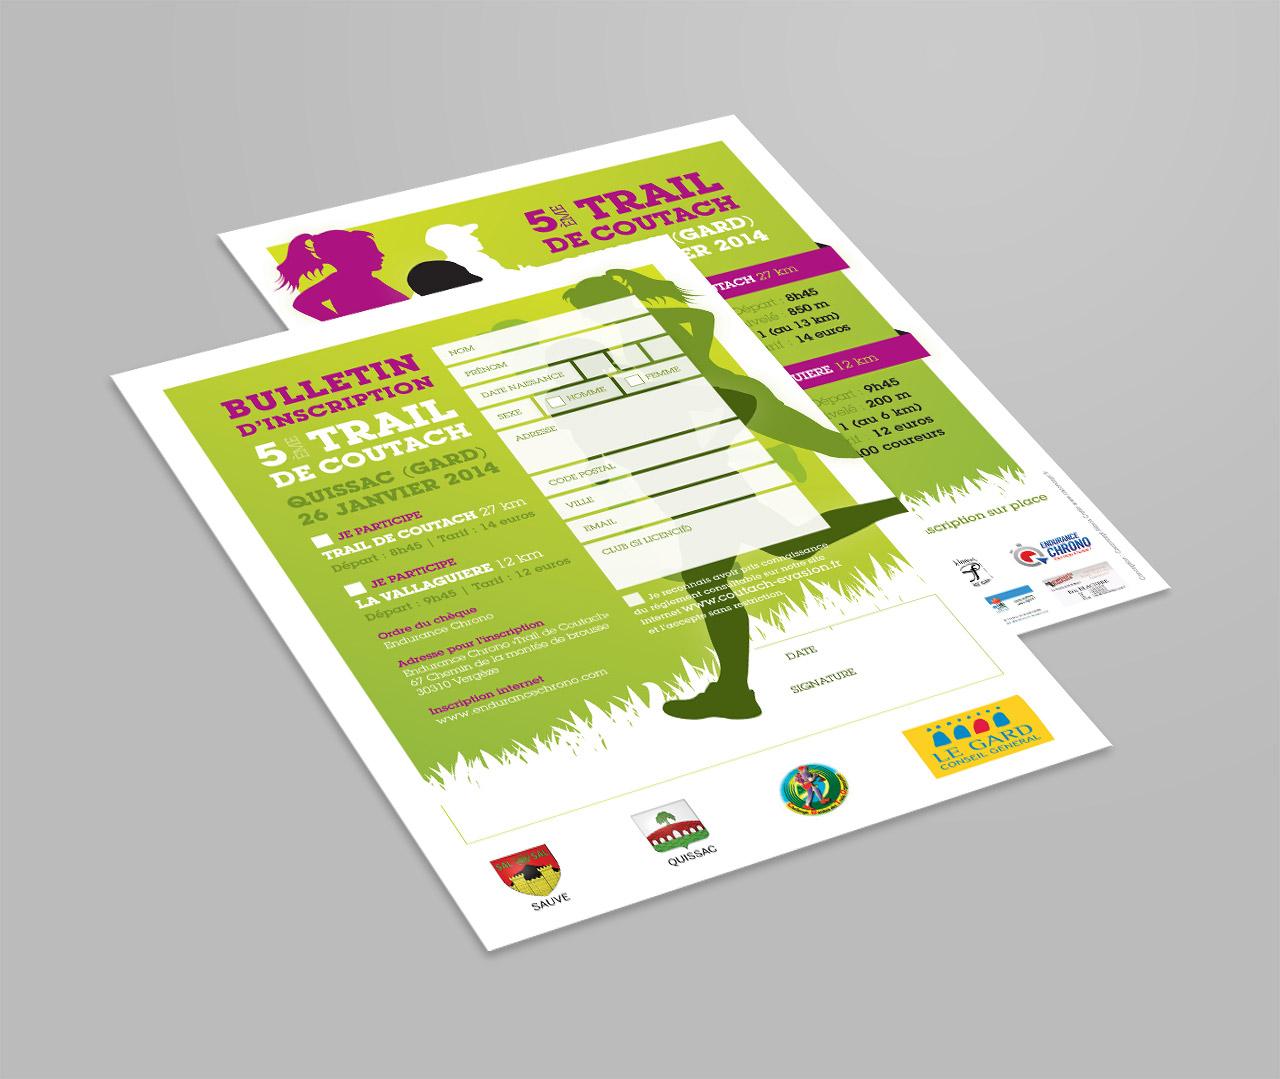 trail-de-coutach-flyer-creation-communication-caconcept-alexis-cretin-graphiste